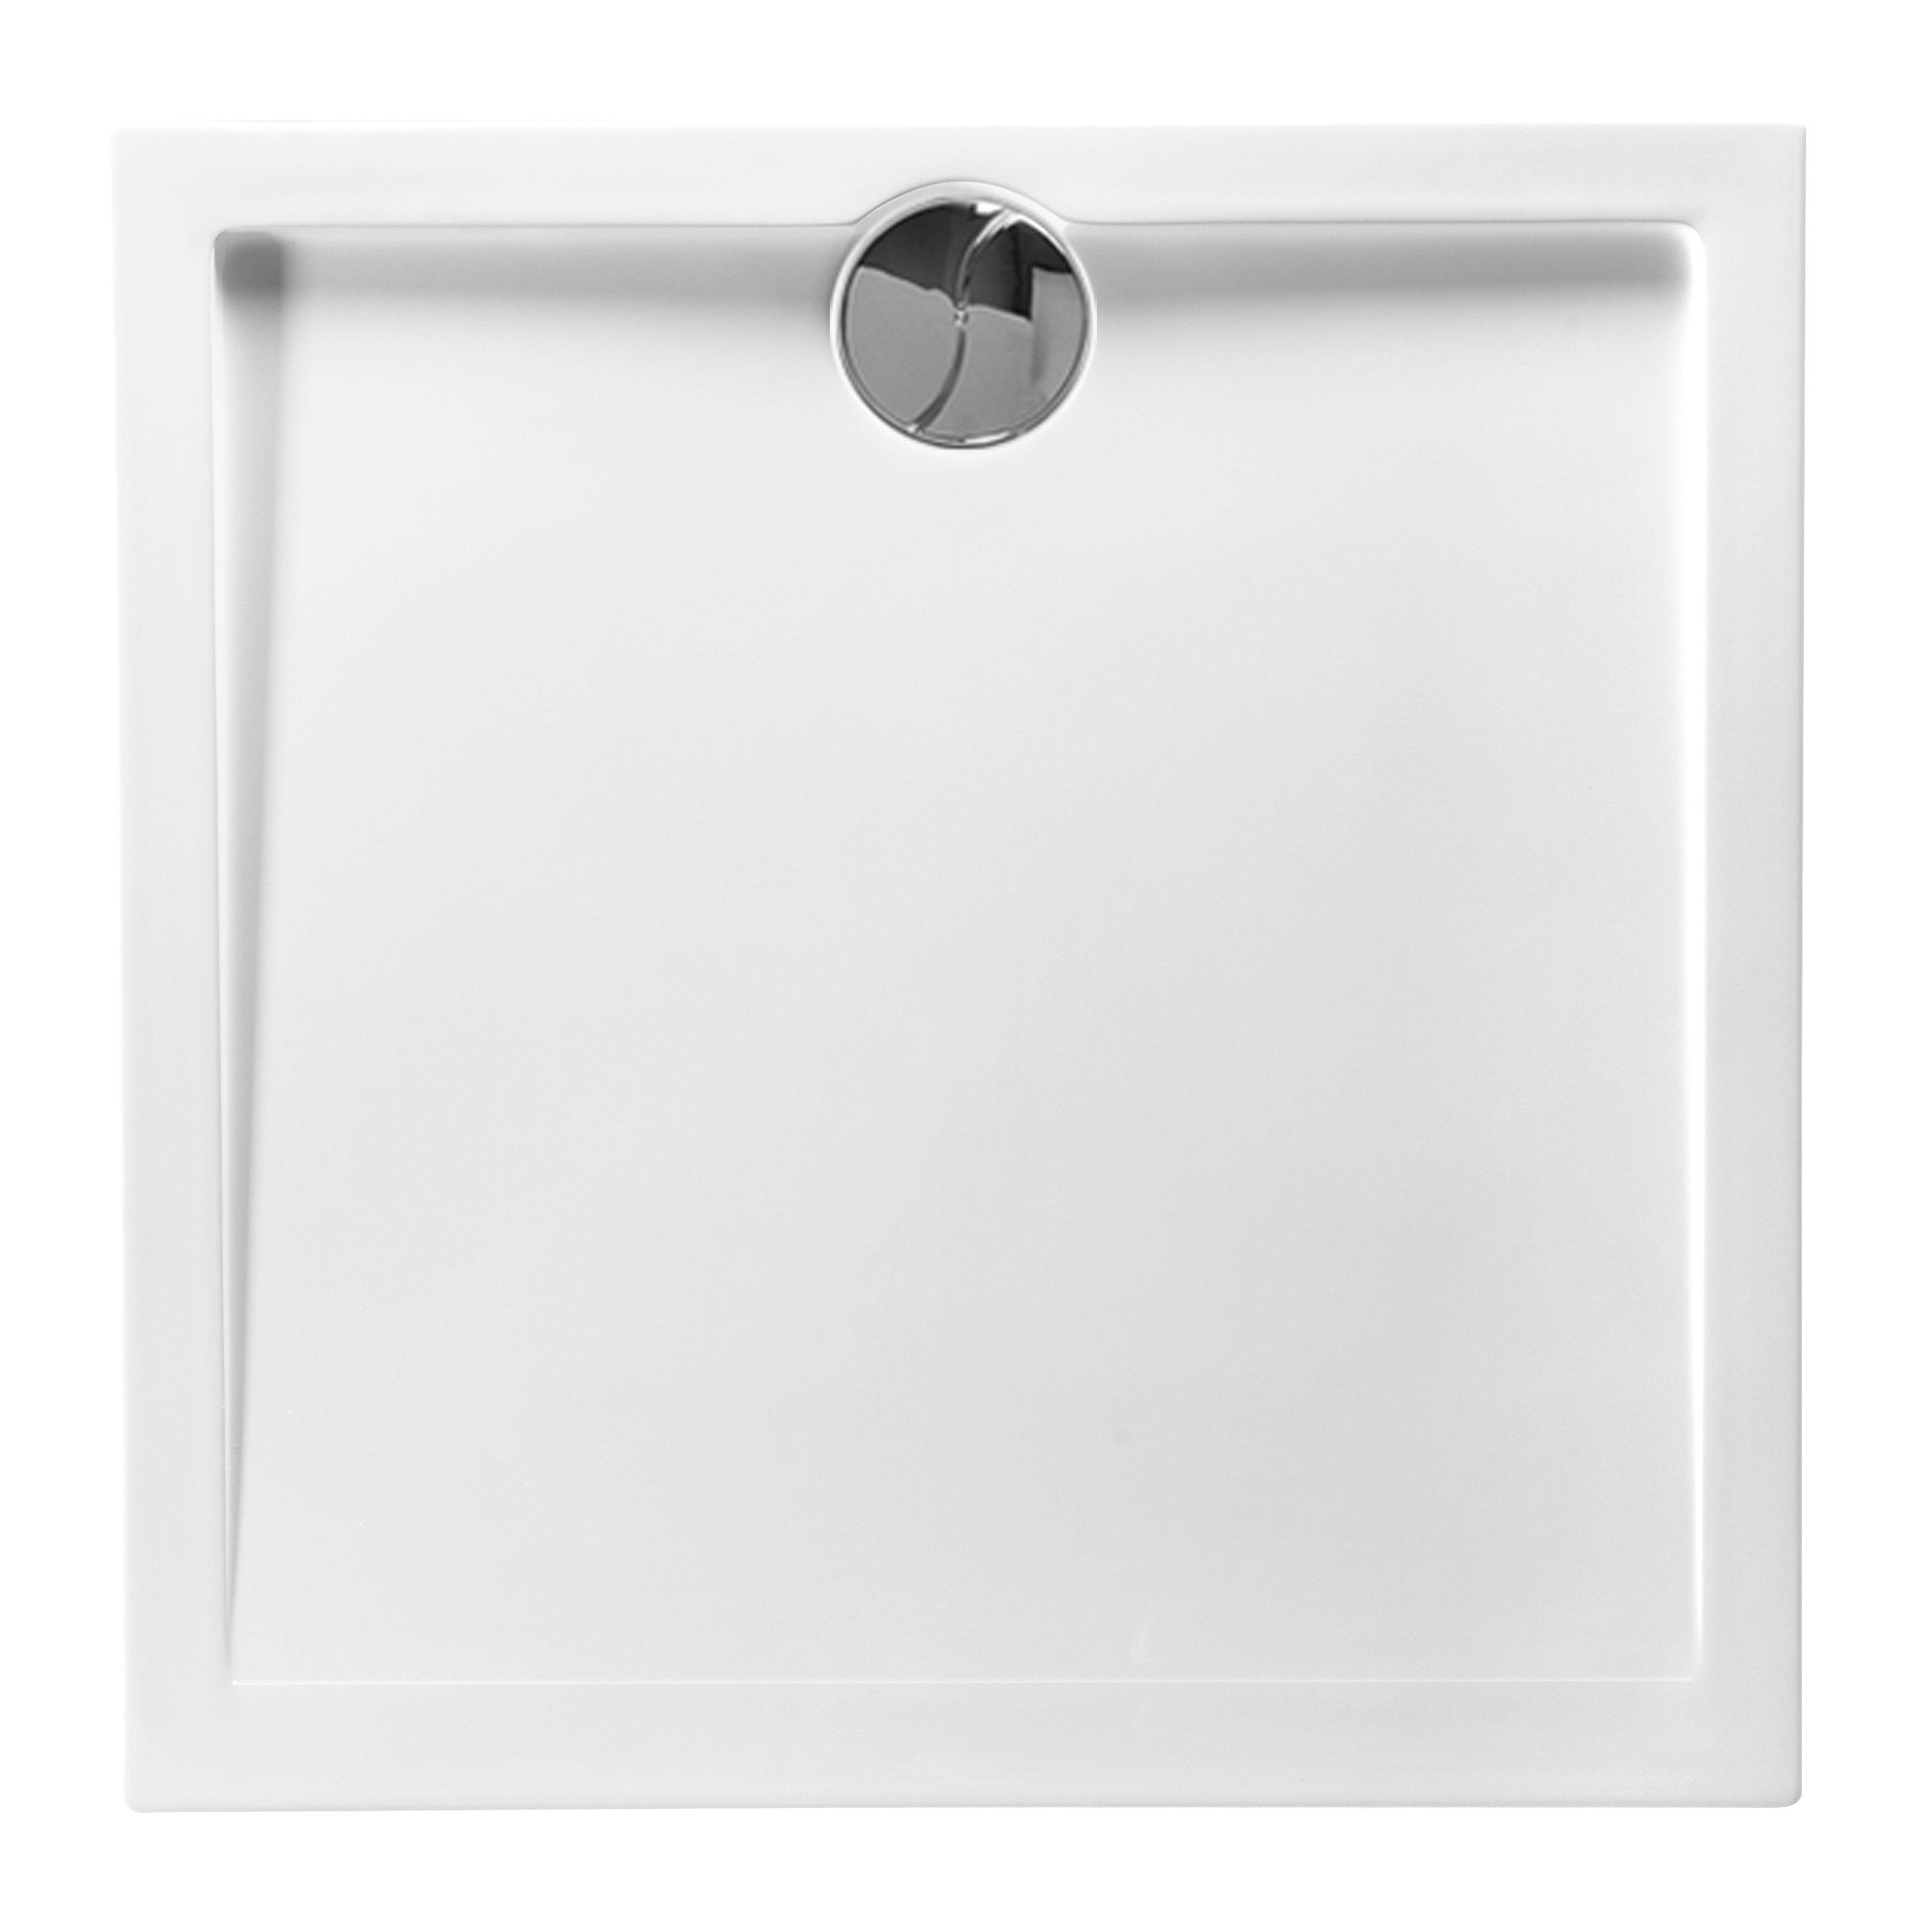 receveur carr prefixe carr aquarine pro. Black Bedroom Furniture Sets. Home Design Ideas